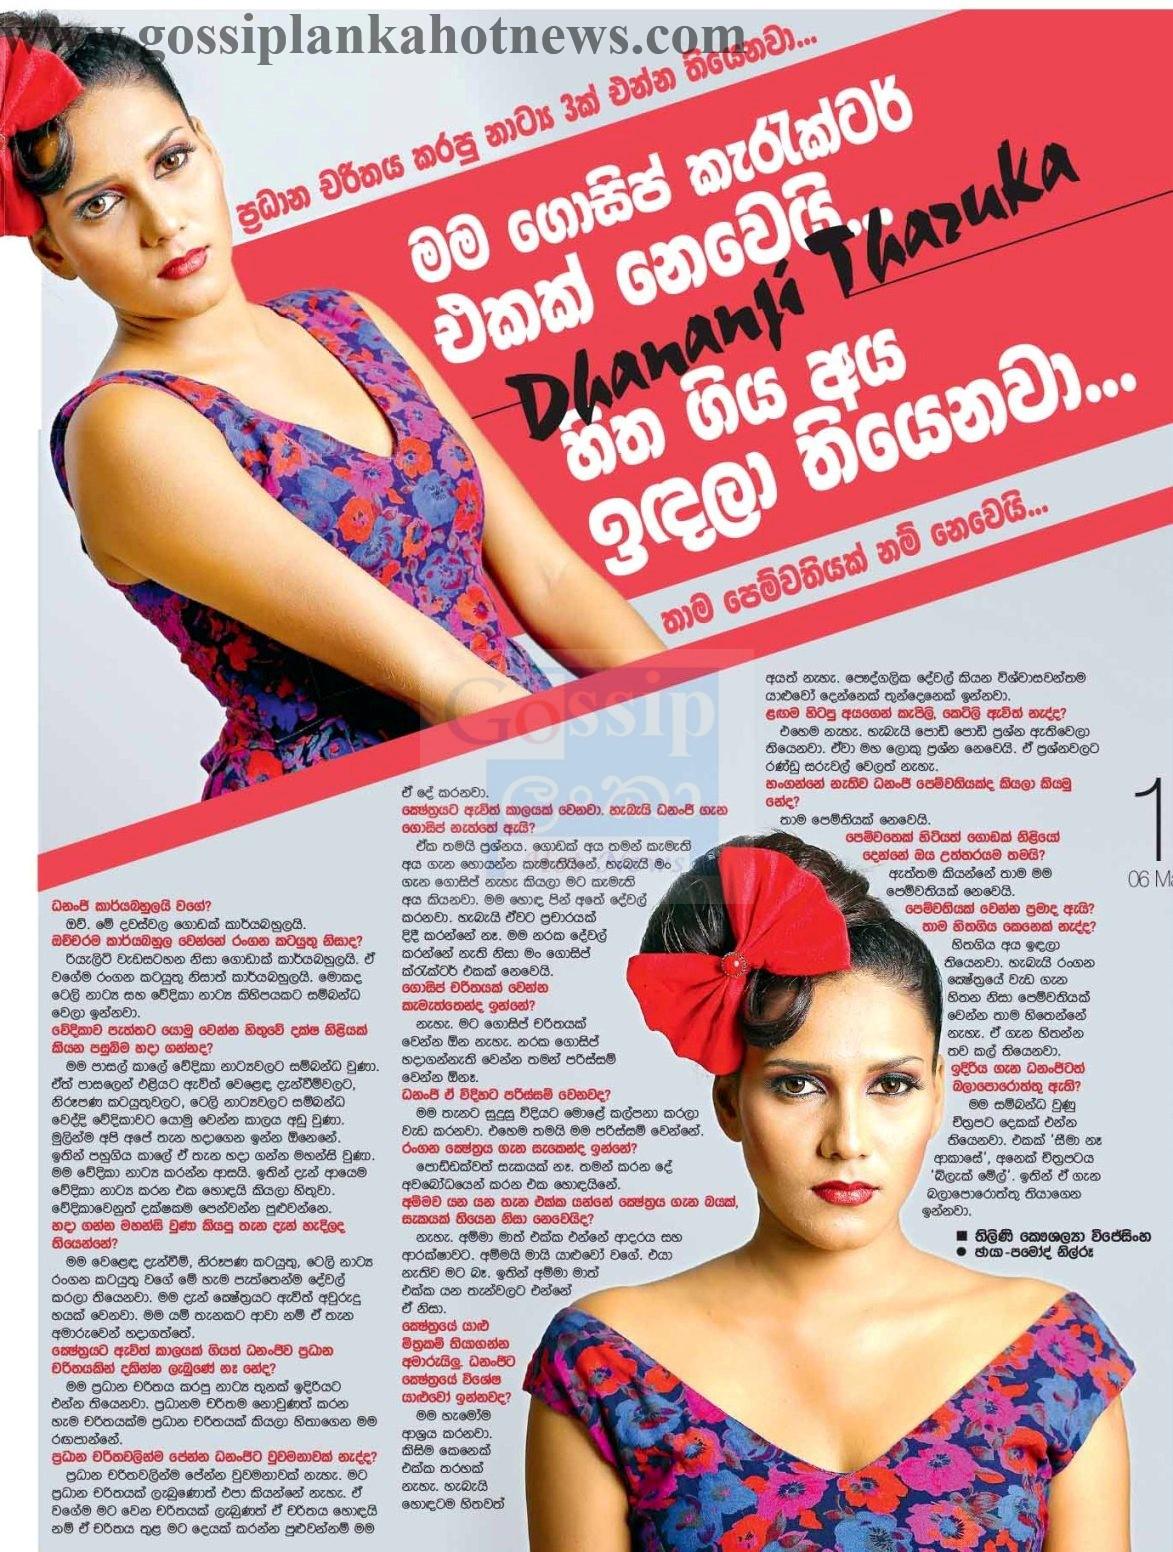 Sri Lankan Actress and Models Dhananji Tharuka